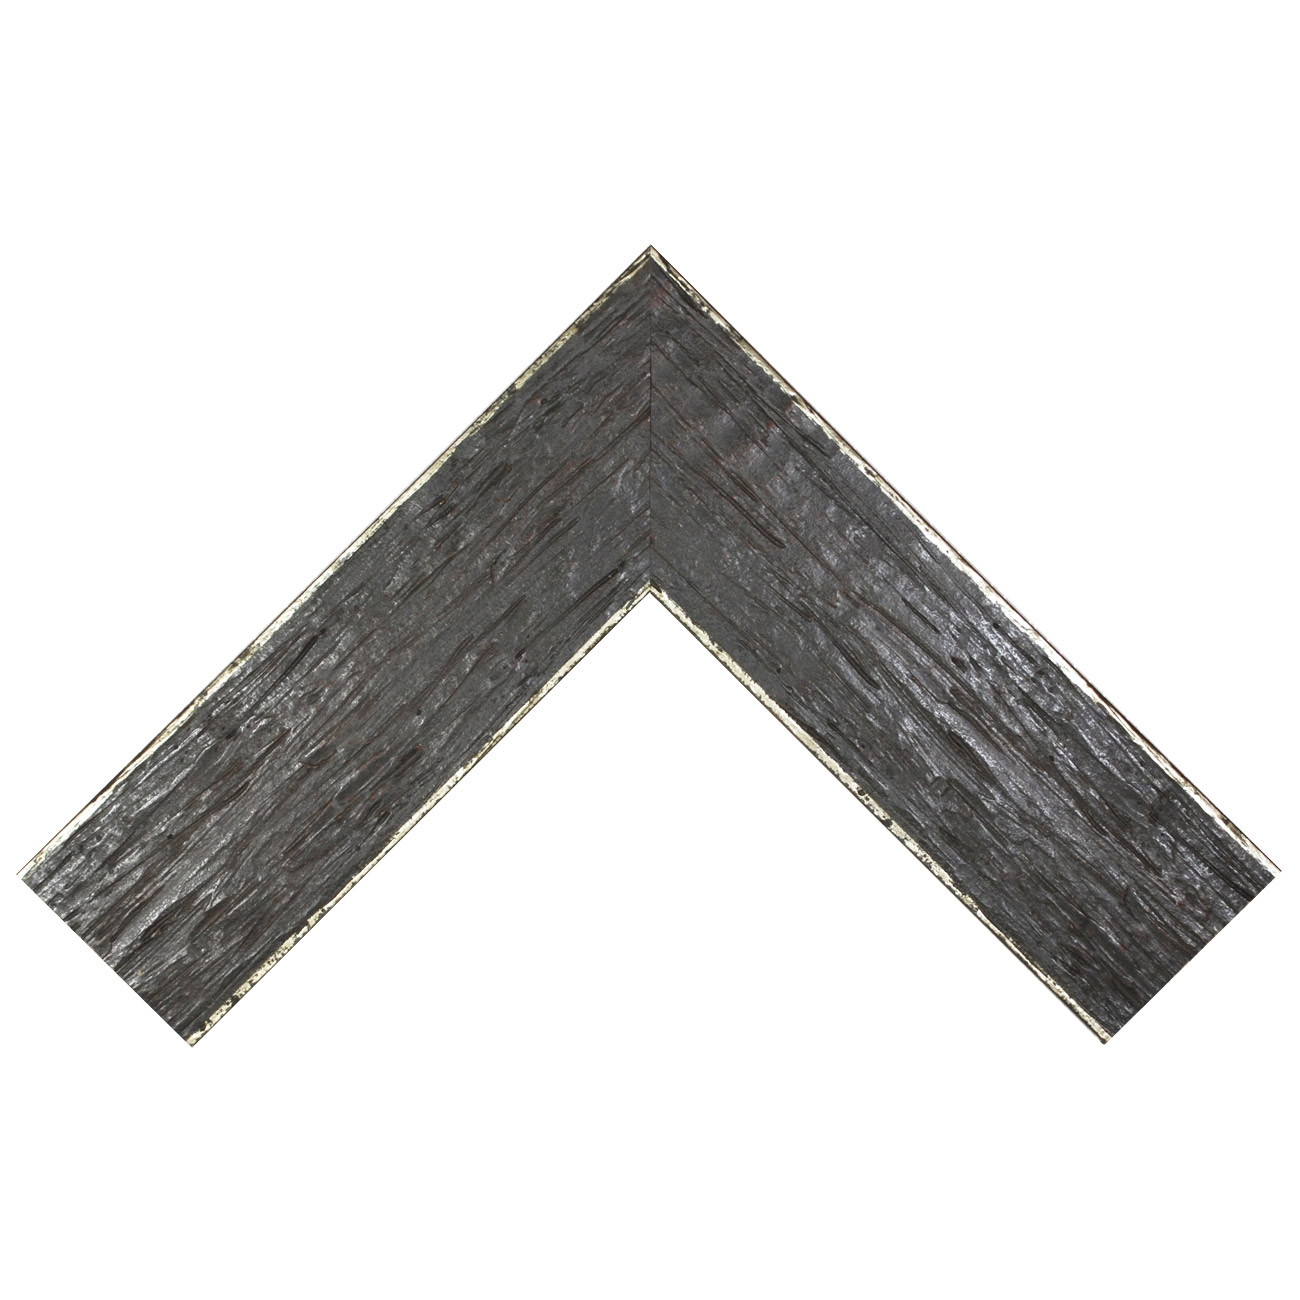 Baguette bois profil plat largeur 9.6cm couleur moka filet argent chaud sur les bords antique